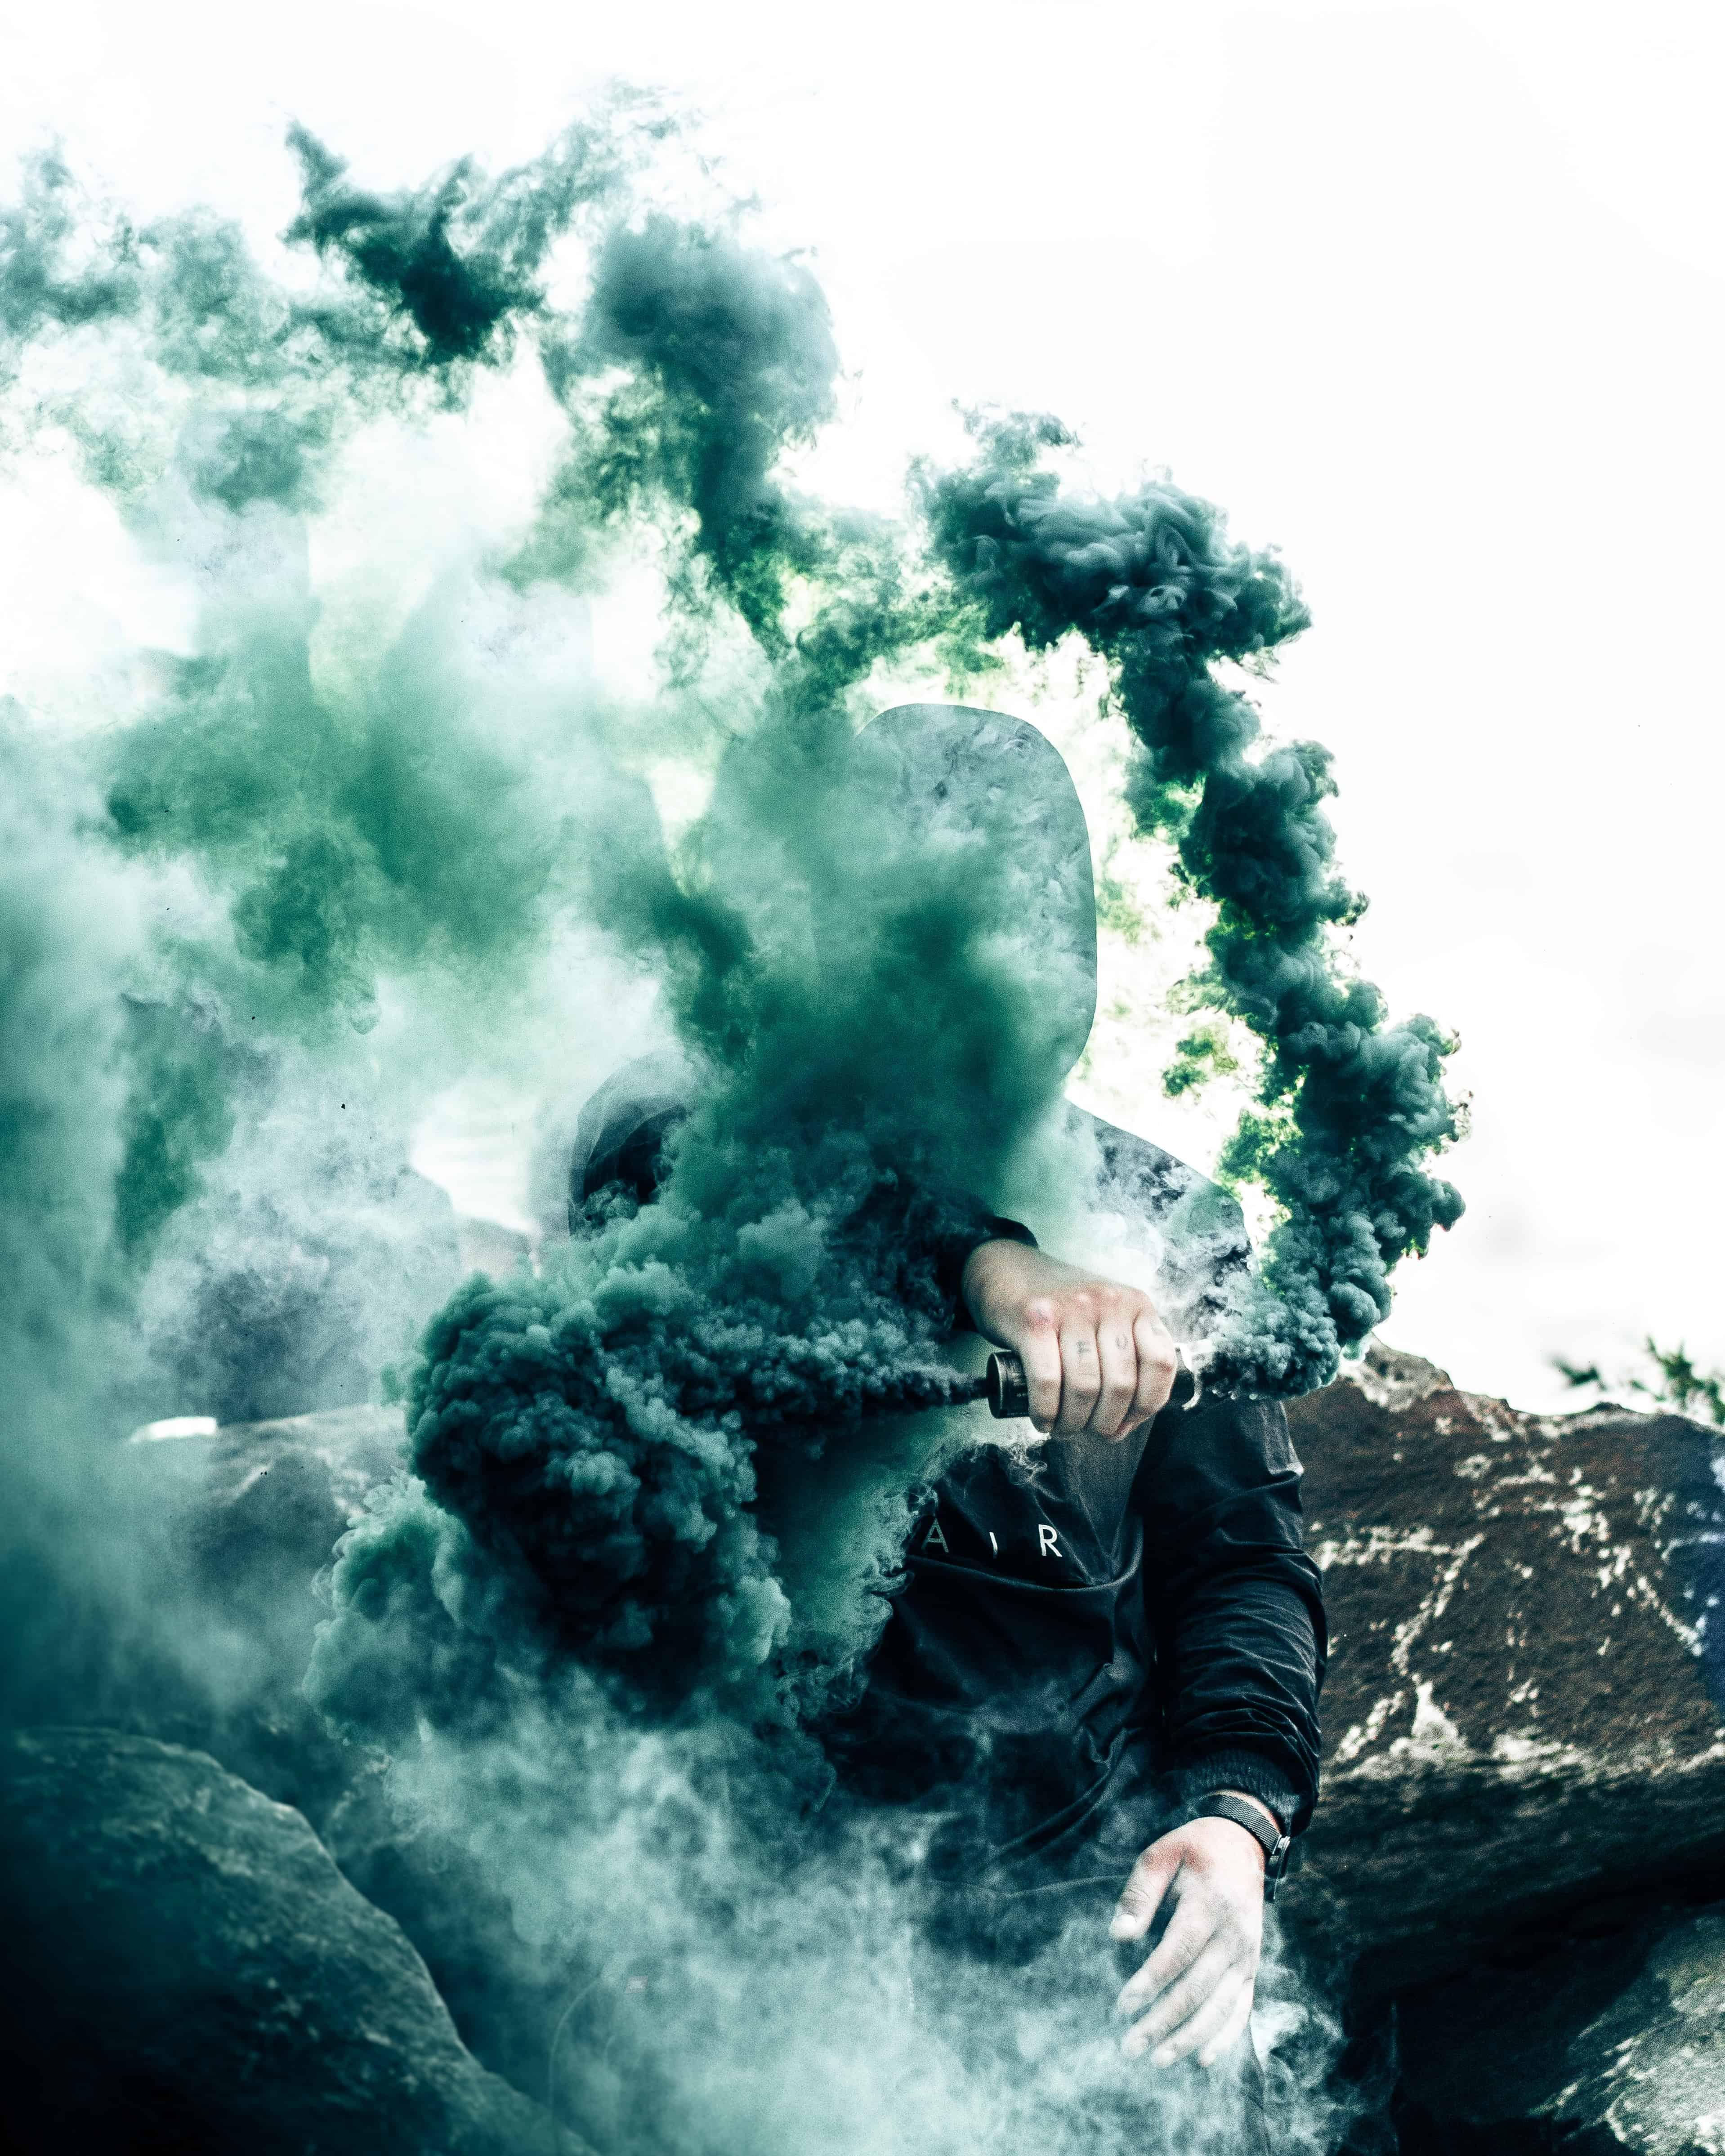 mann dunkelgruener rauch